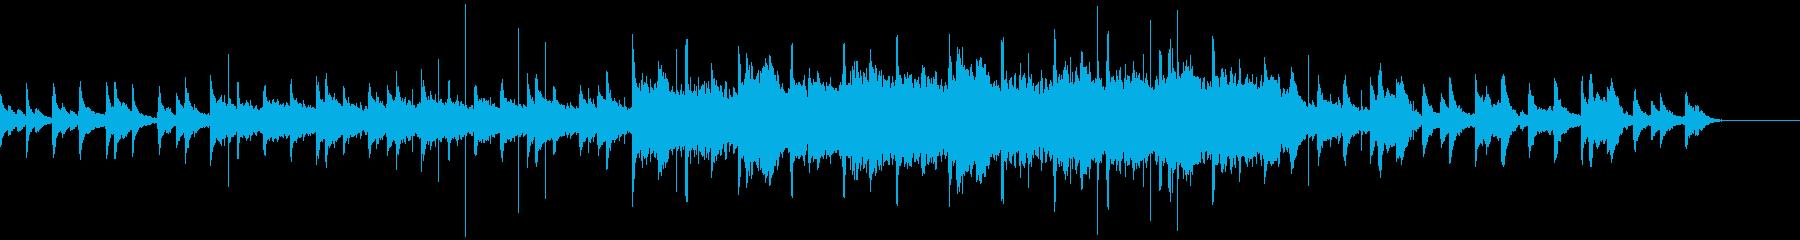 ピアノの音色とチープでかわいいシンセの曲の再生済みの波形